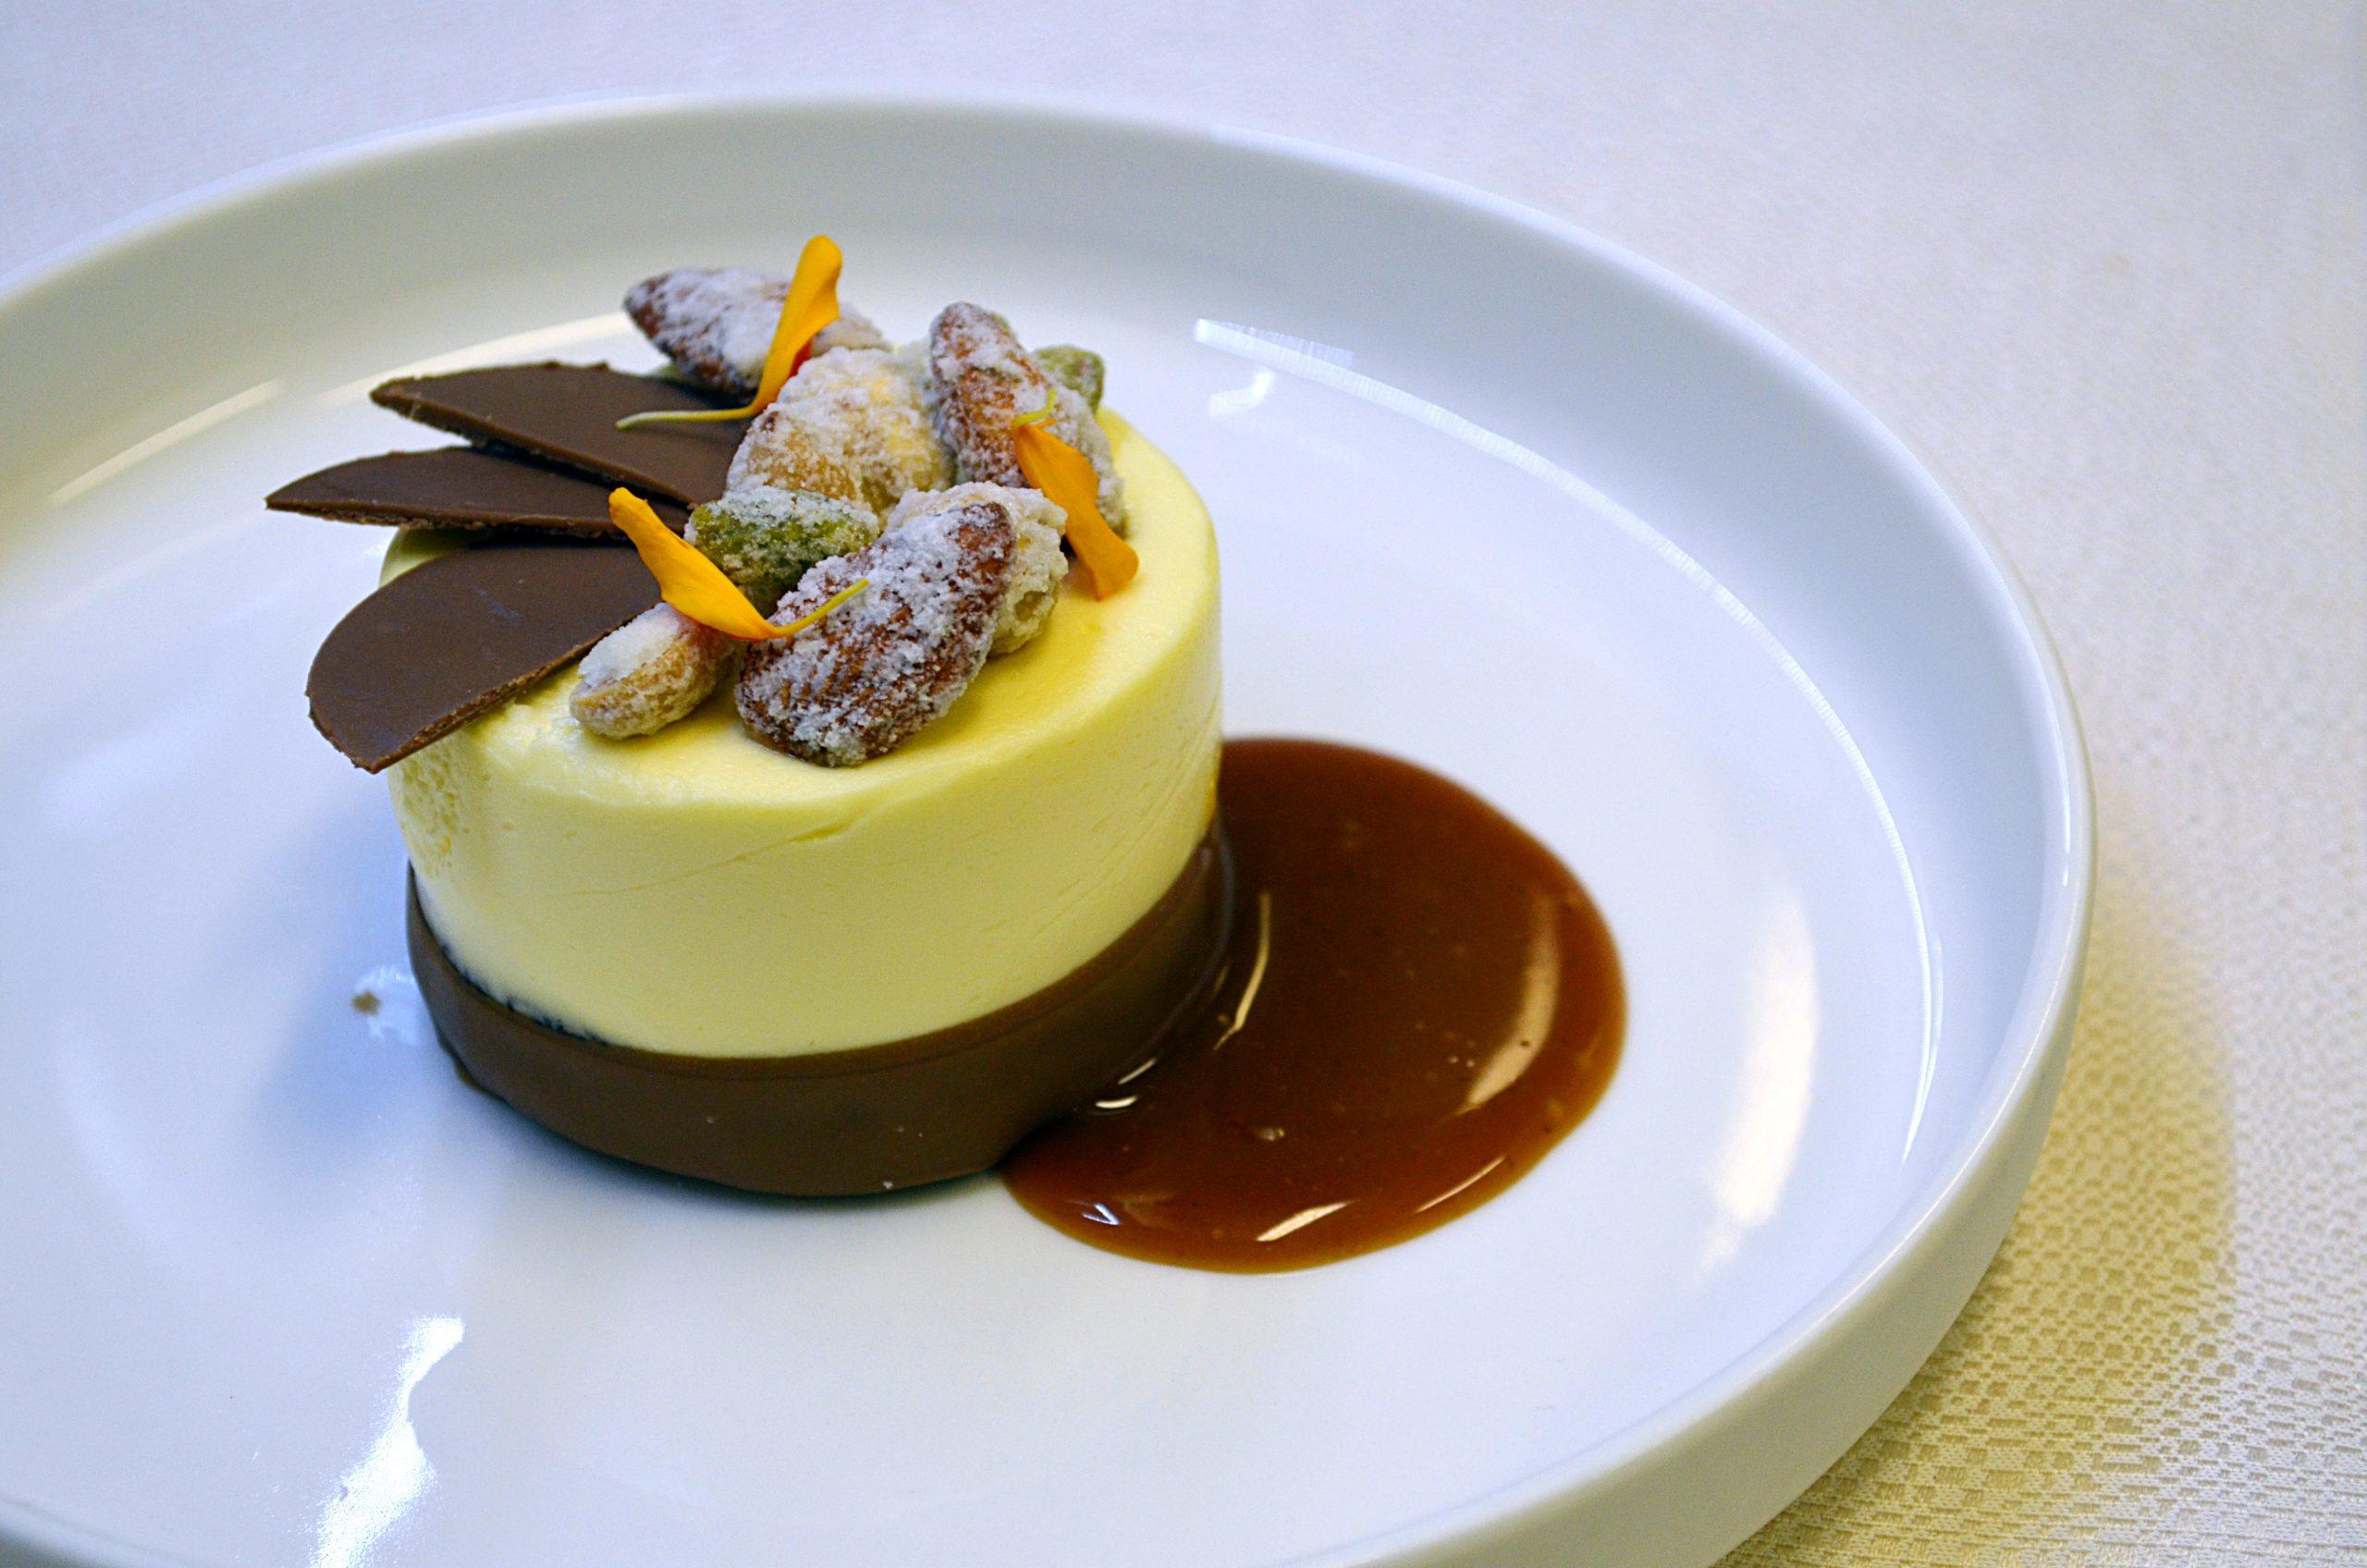 Brownie Al Cioccolato Con Cremoso Al Mascarpone E Frutta Secca Sabbiata